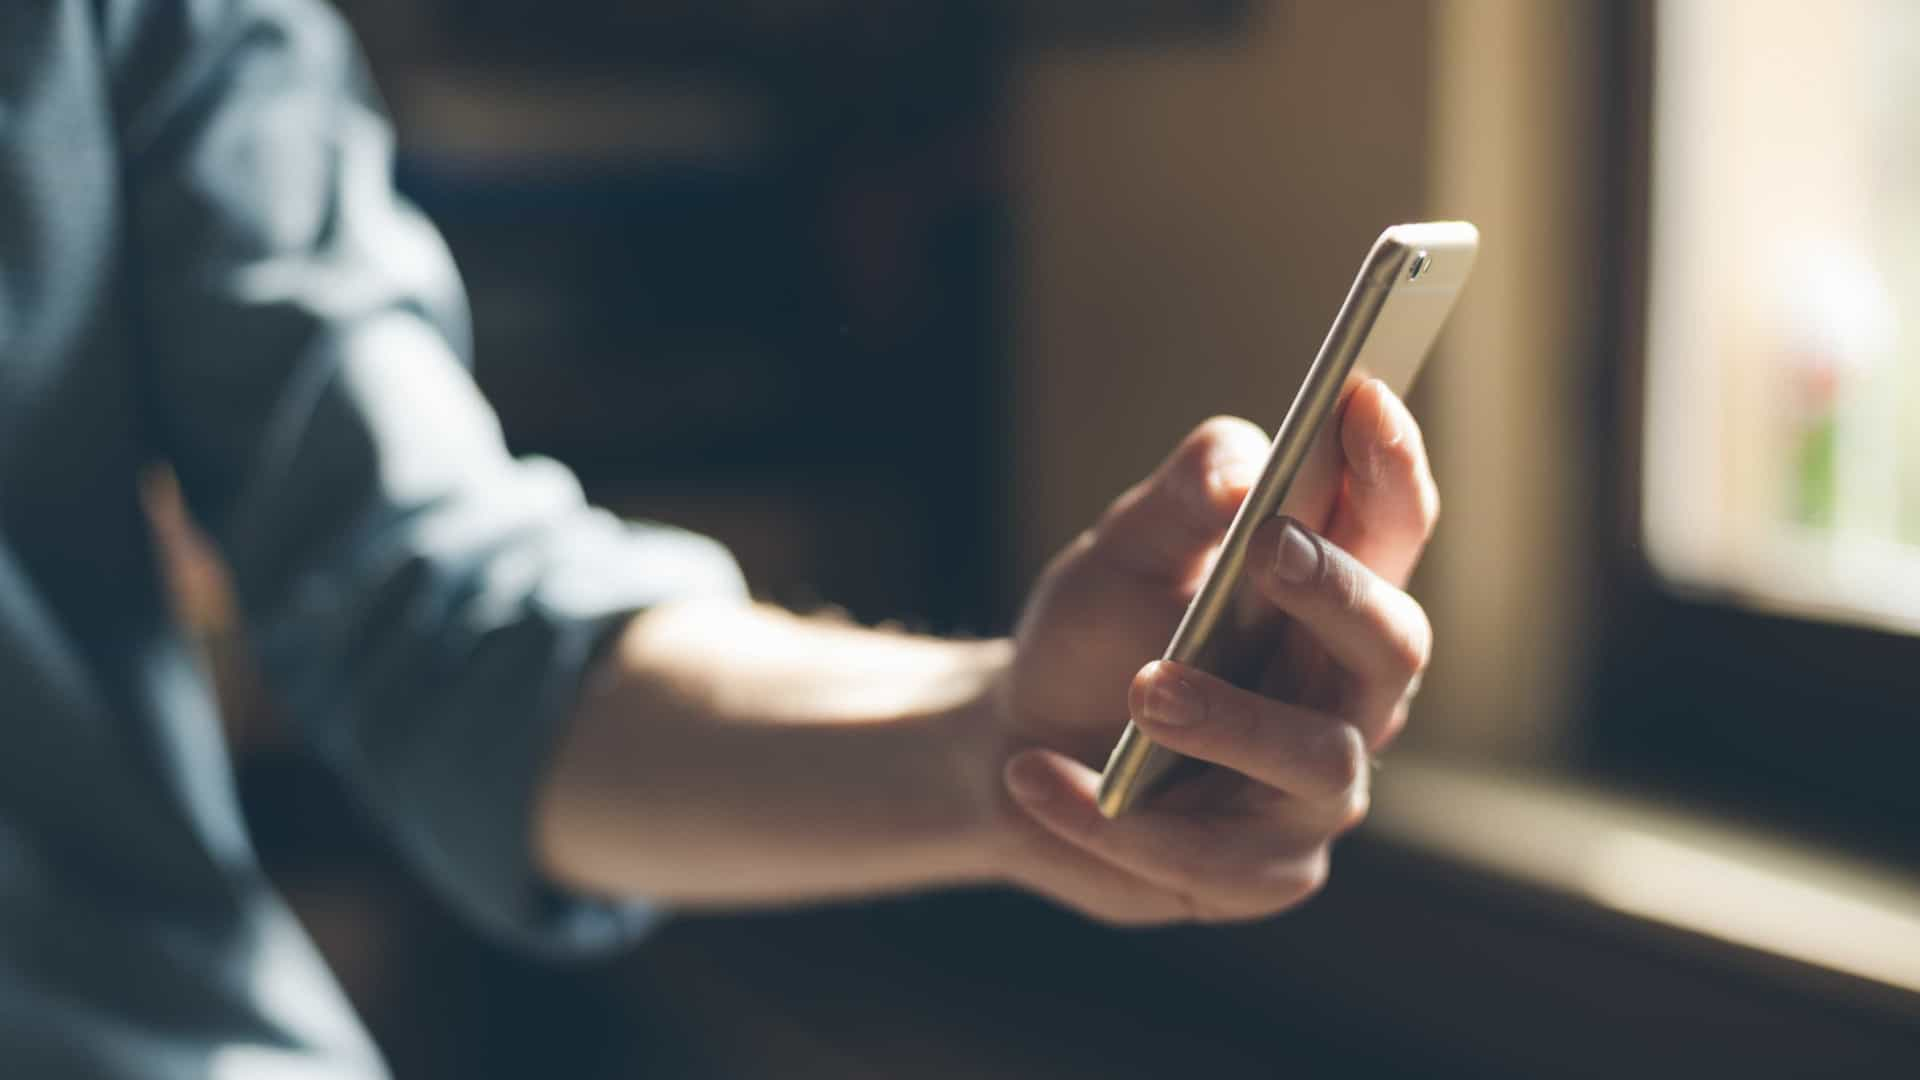 PSP e GNR alertam para fraude com chamadas internacionais